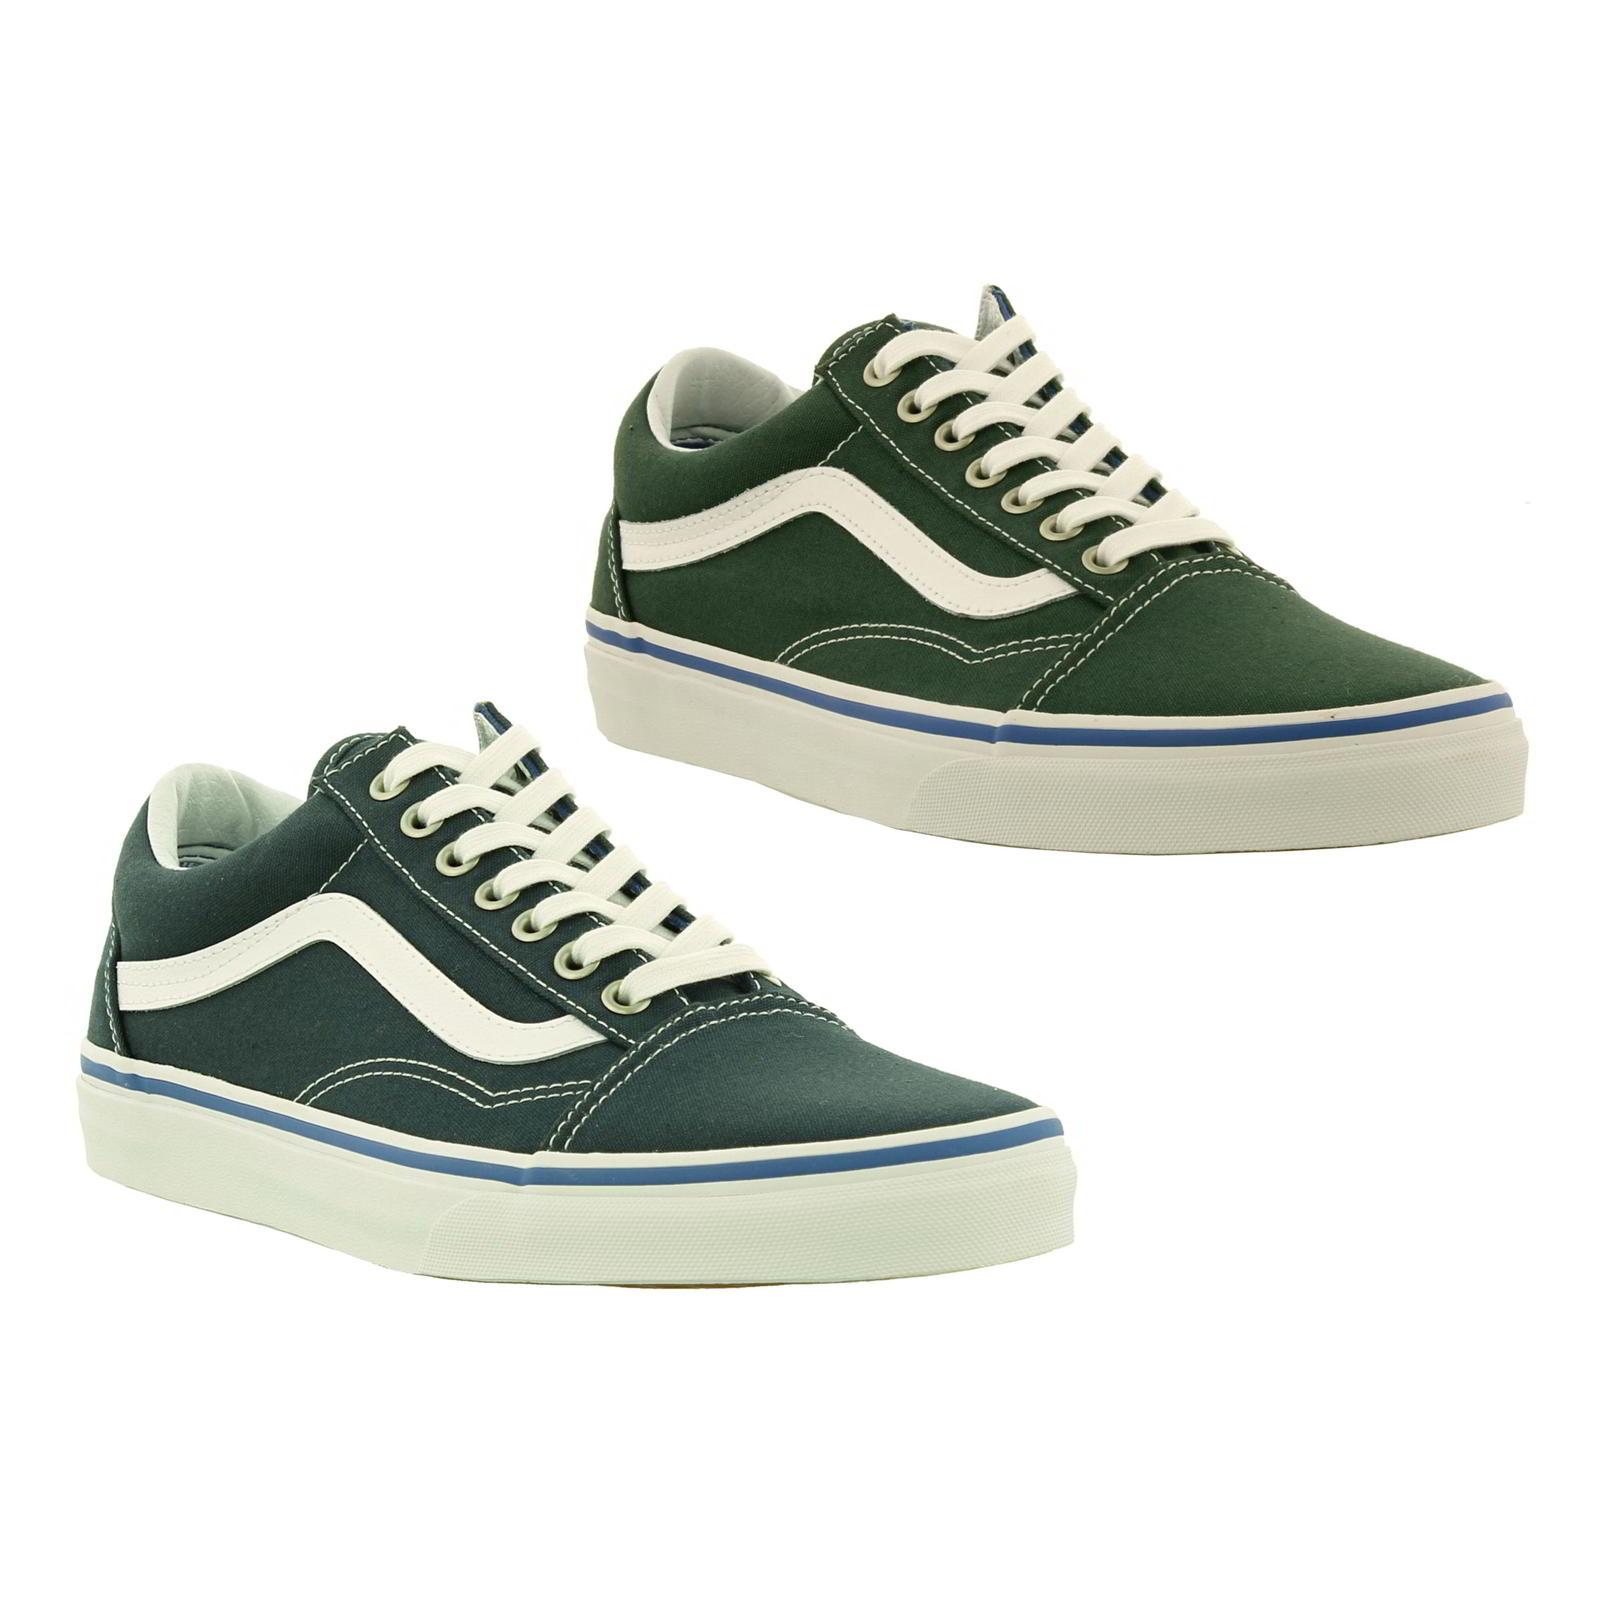 vans old skool mens classic green blue skate shoes. Black Bedroom Furniture Sets. Home Design Ideas